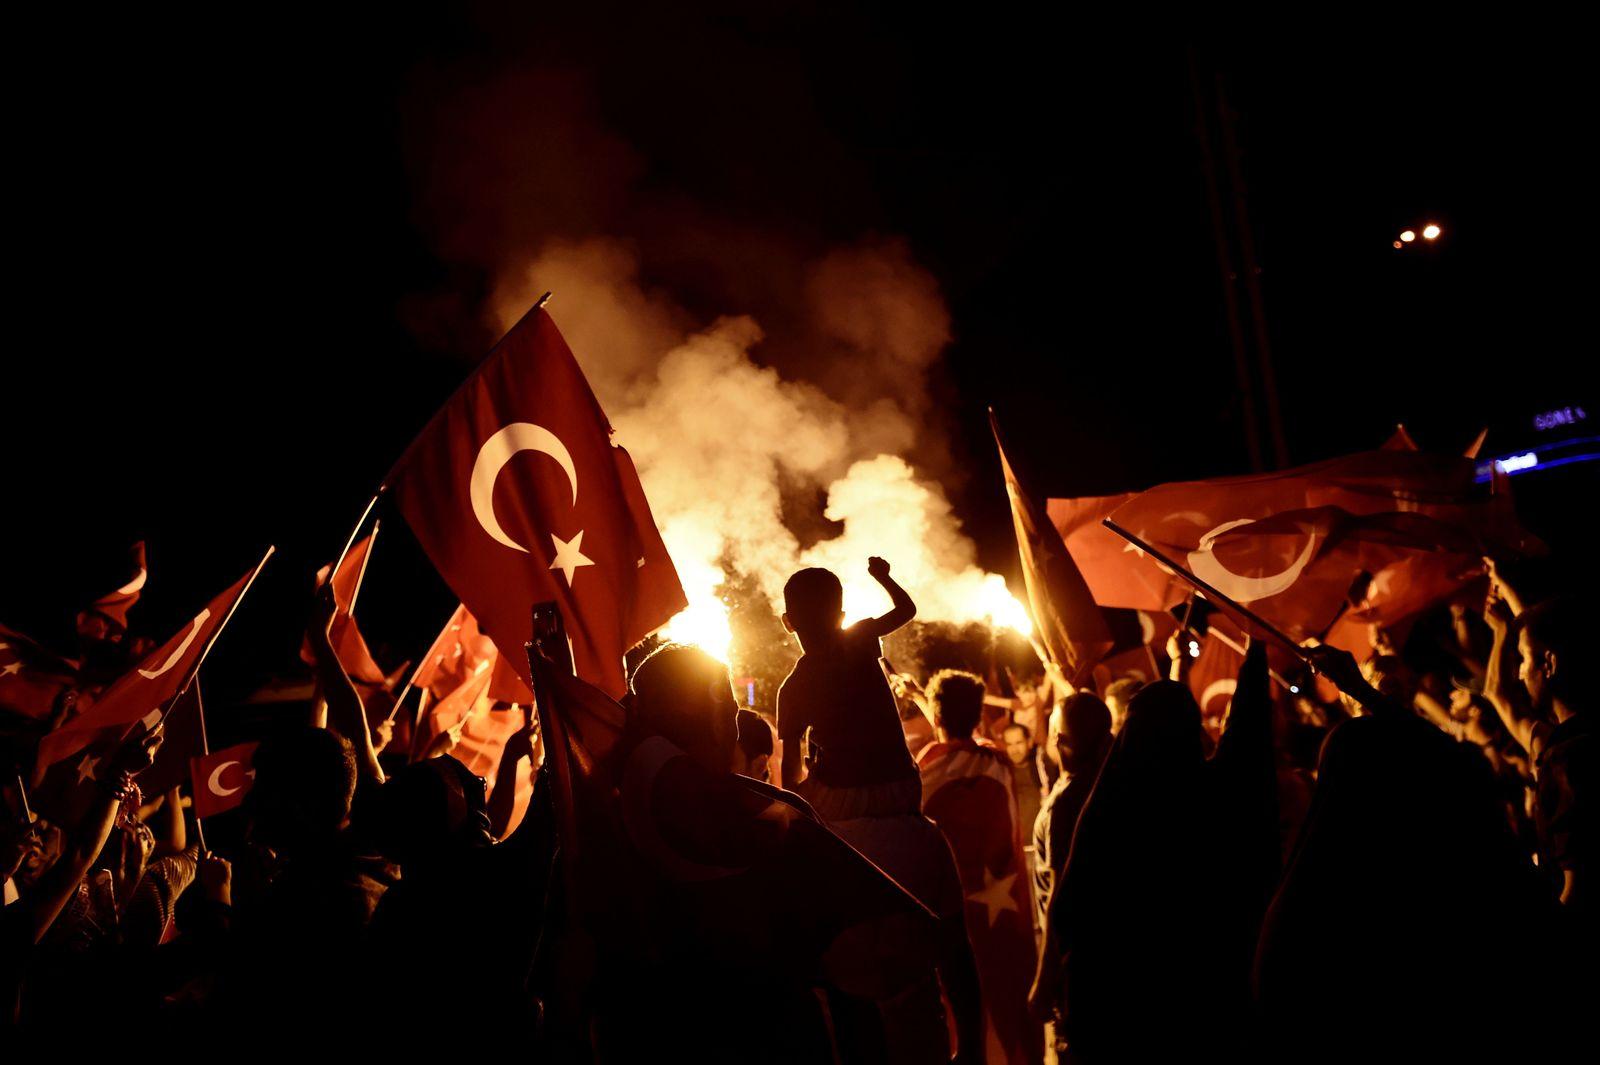 Türkei / Pro-Erdogan Bekundung nach Putschversuch